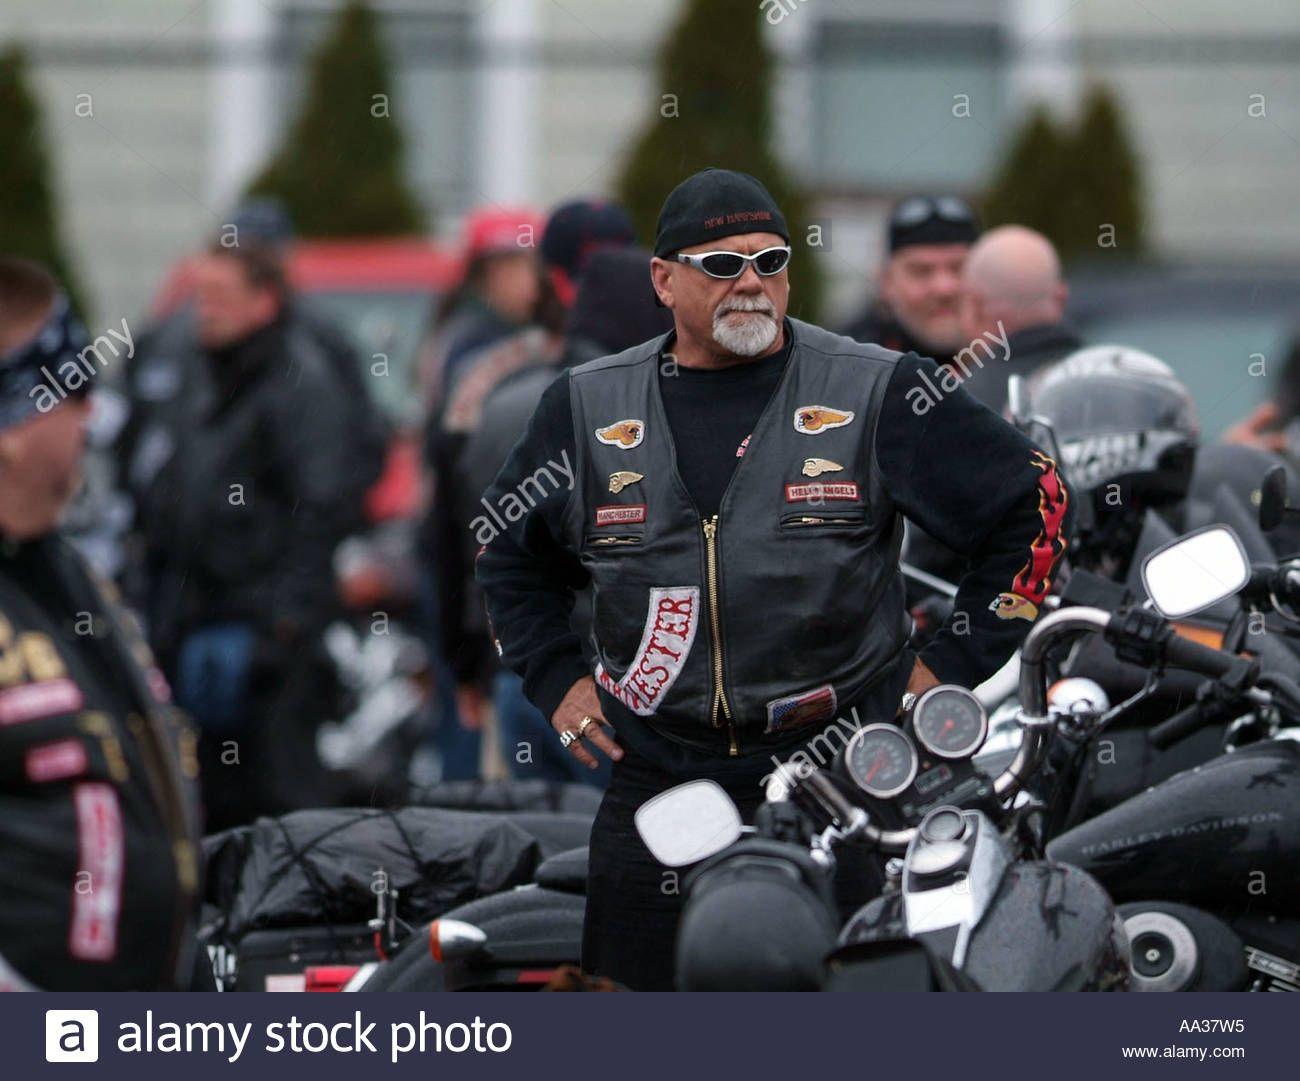 Hells Angels Funeral Motorcycle club members at funeral for member